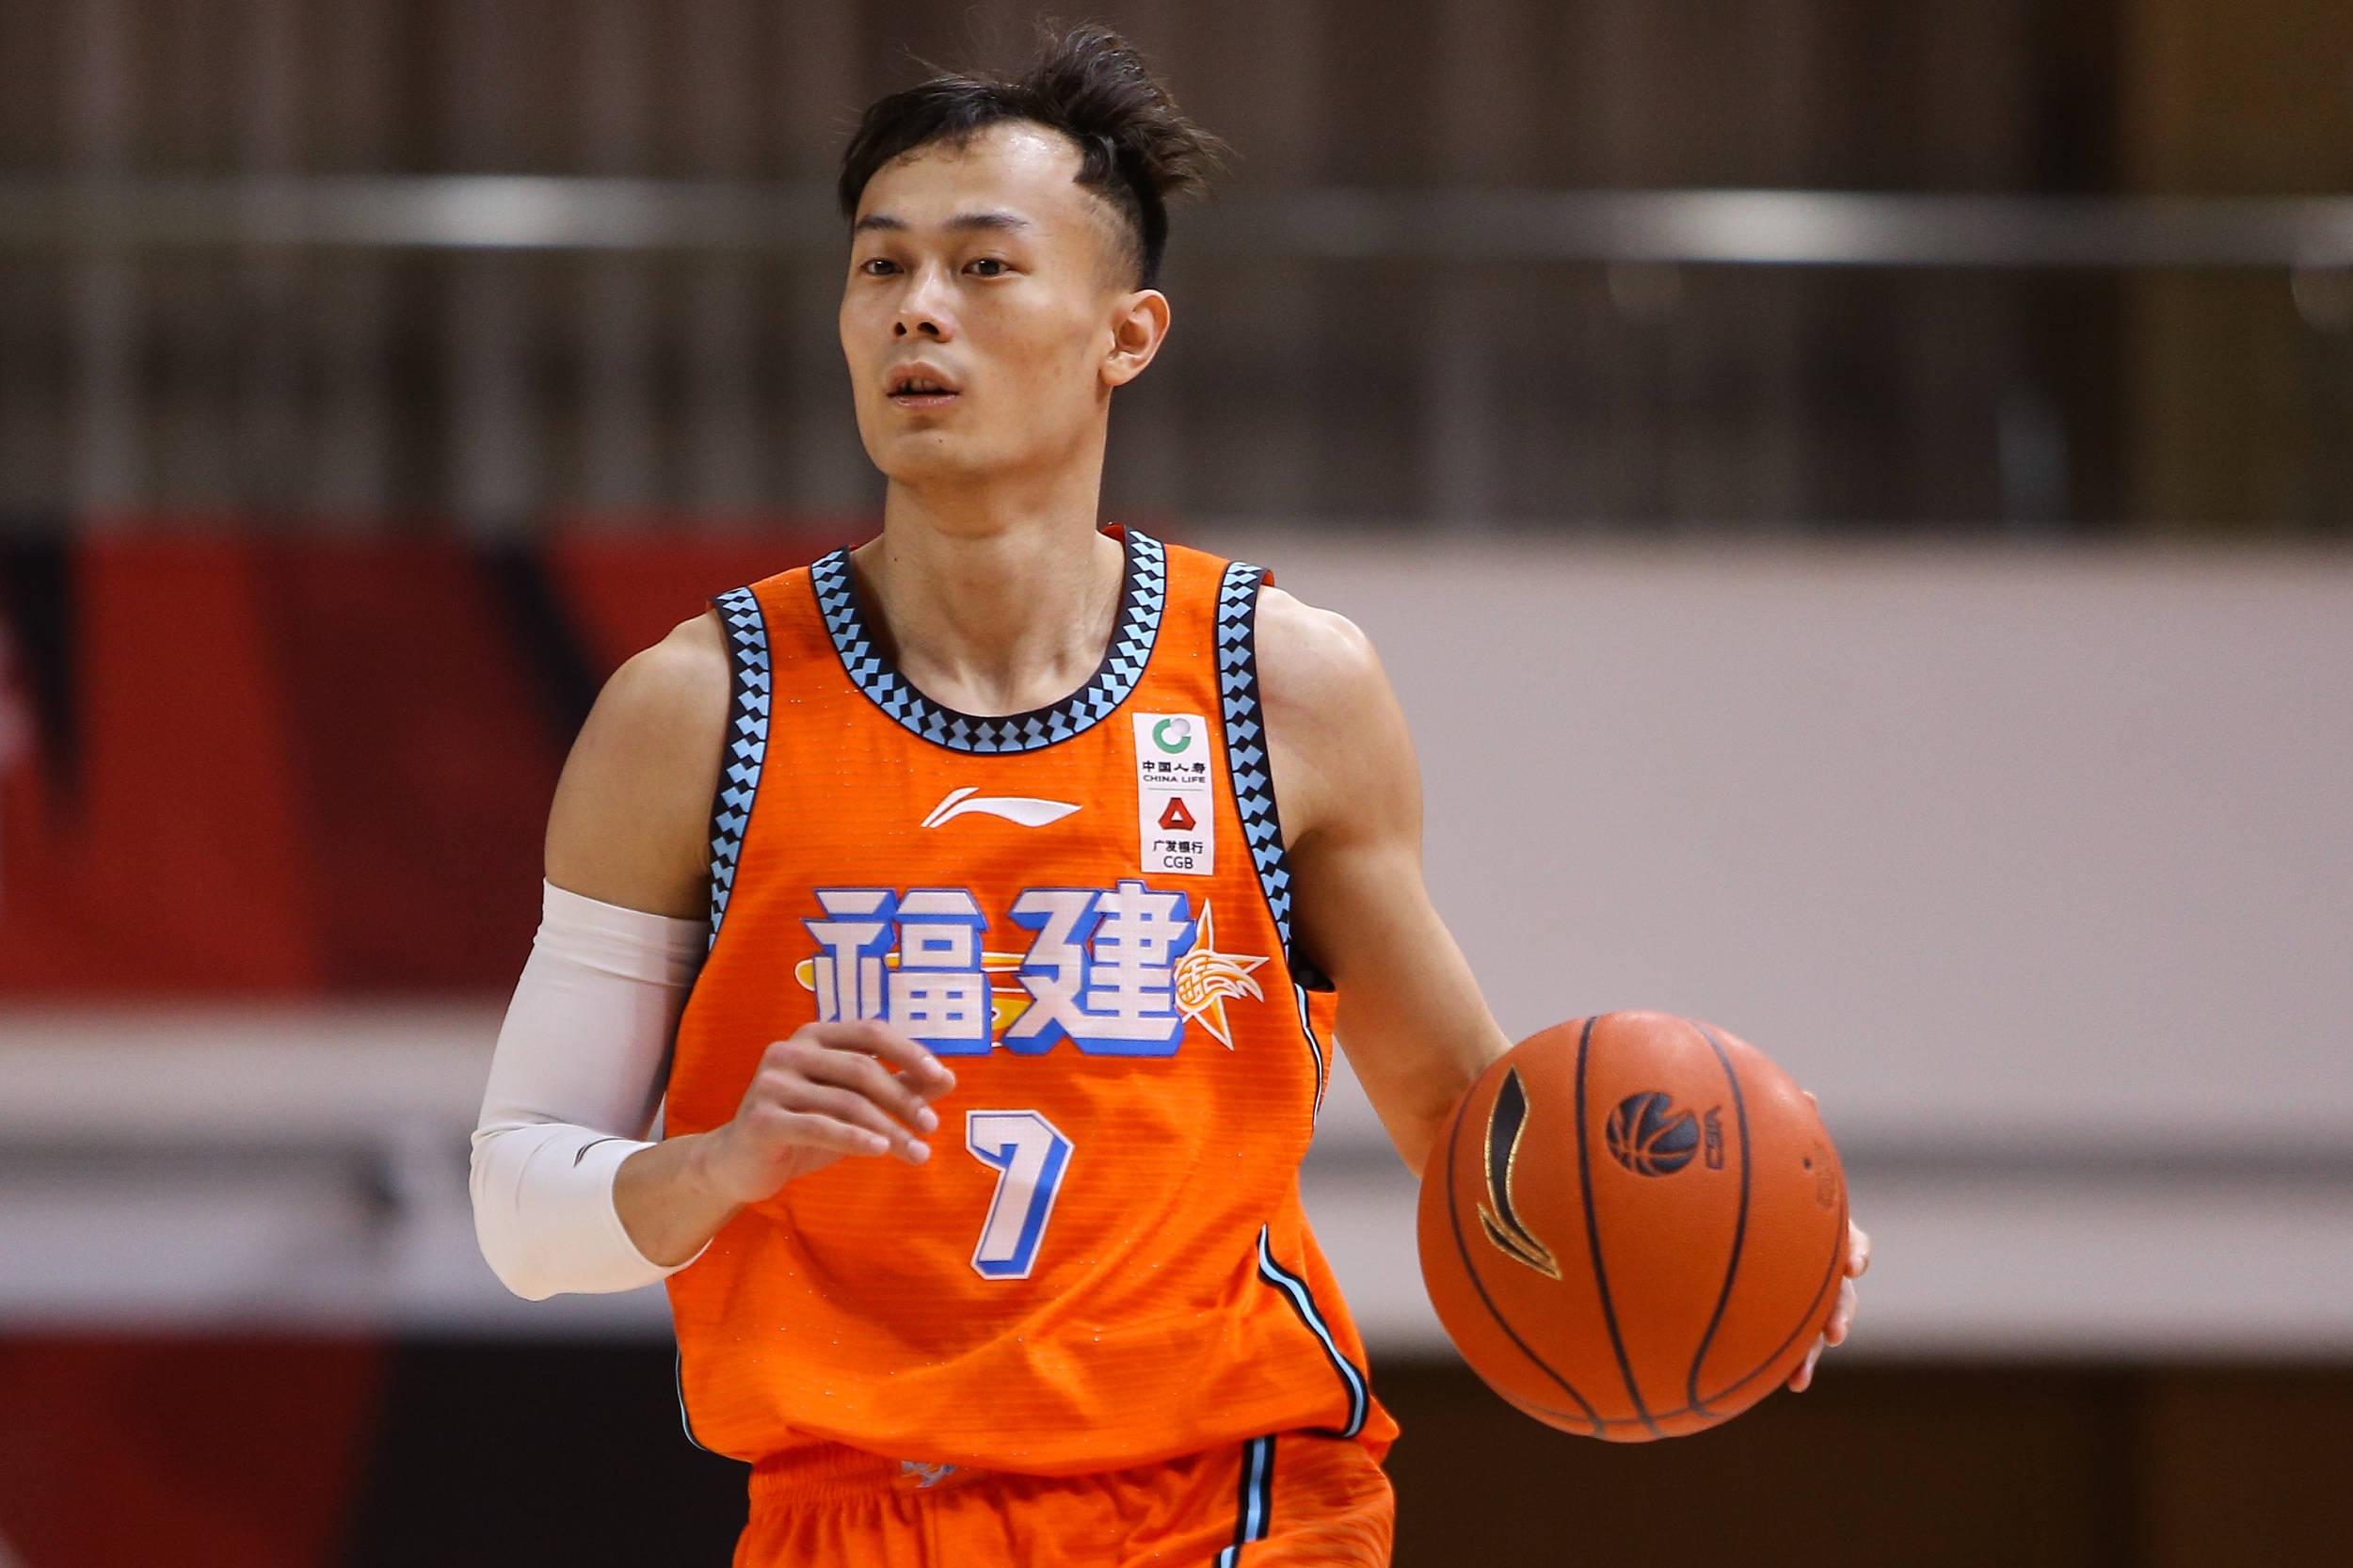 山东男篮将赴四川参与热身赛 两试训球员随行小丁未列此中